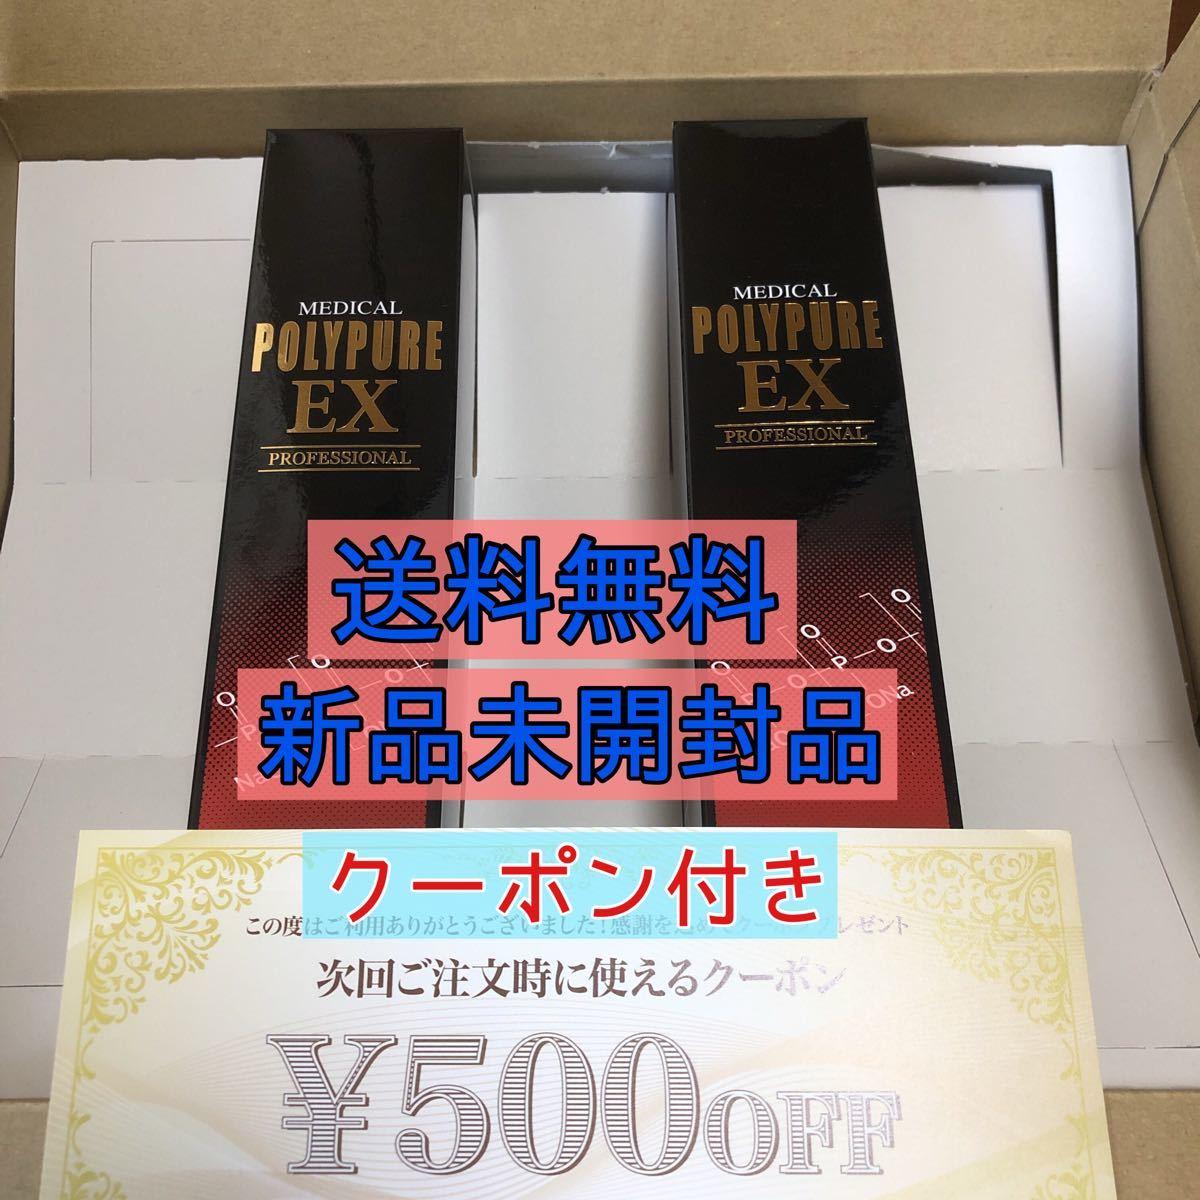 薬用 ポリピュア EX【新品未開封】120ml 2本セット クーポン付き